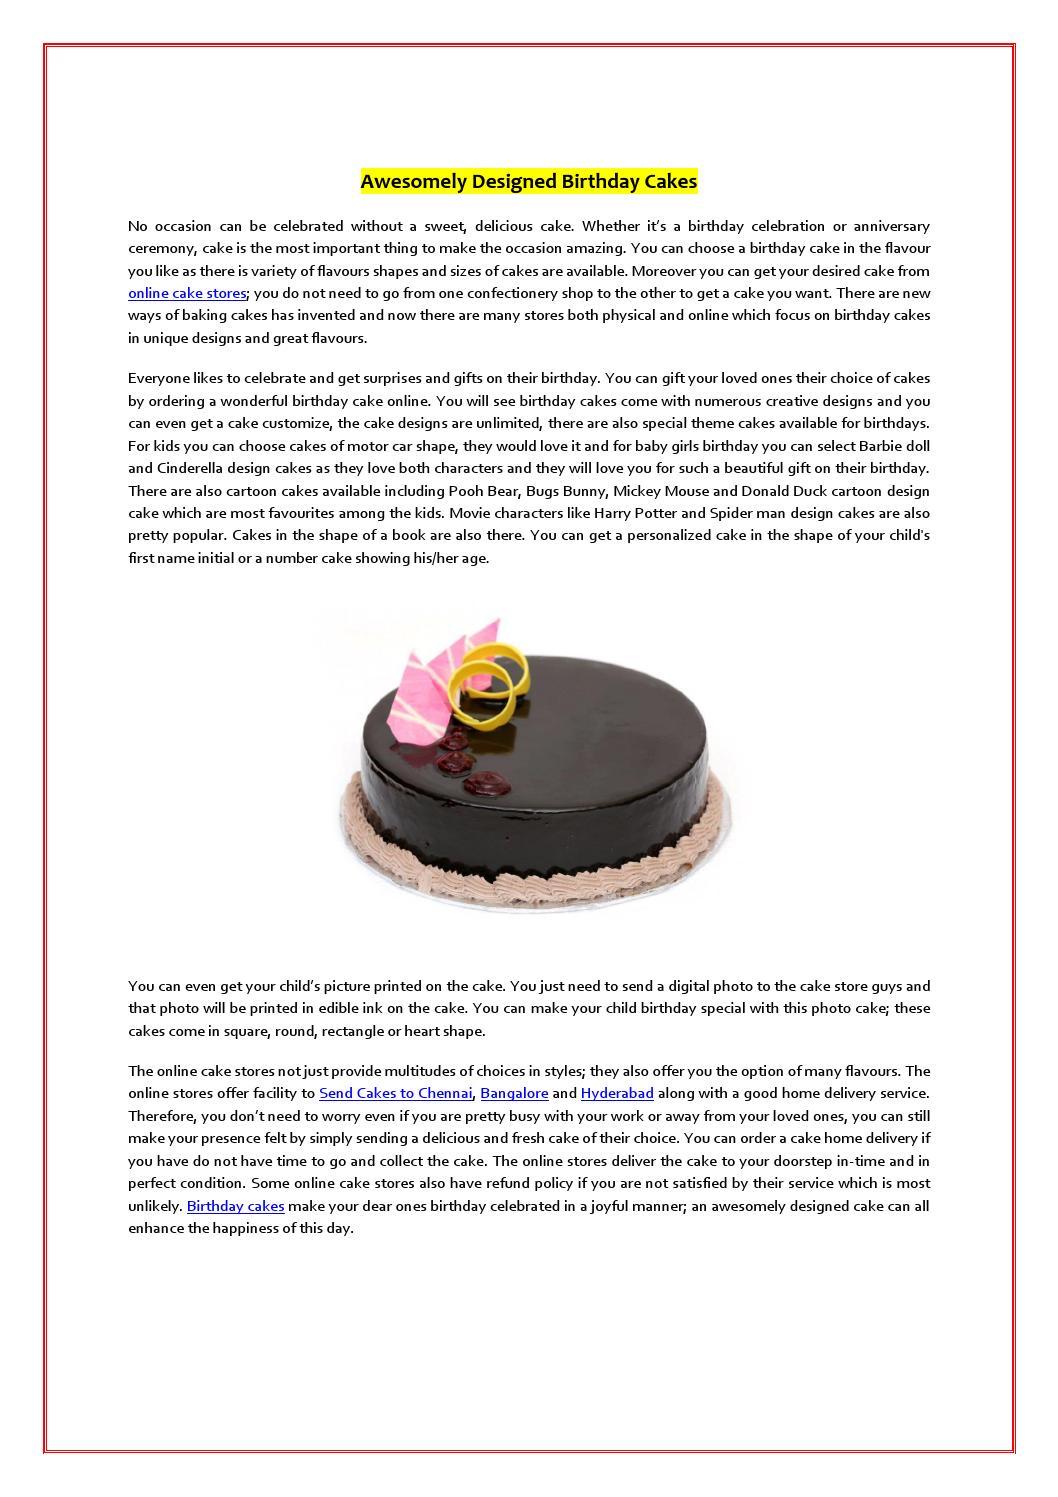 Astounding Awesomely Designed Birthday Cakes By Ordermycake Issuu Personalised Birthday Cards Vishlily Jamesorg